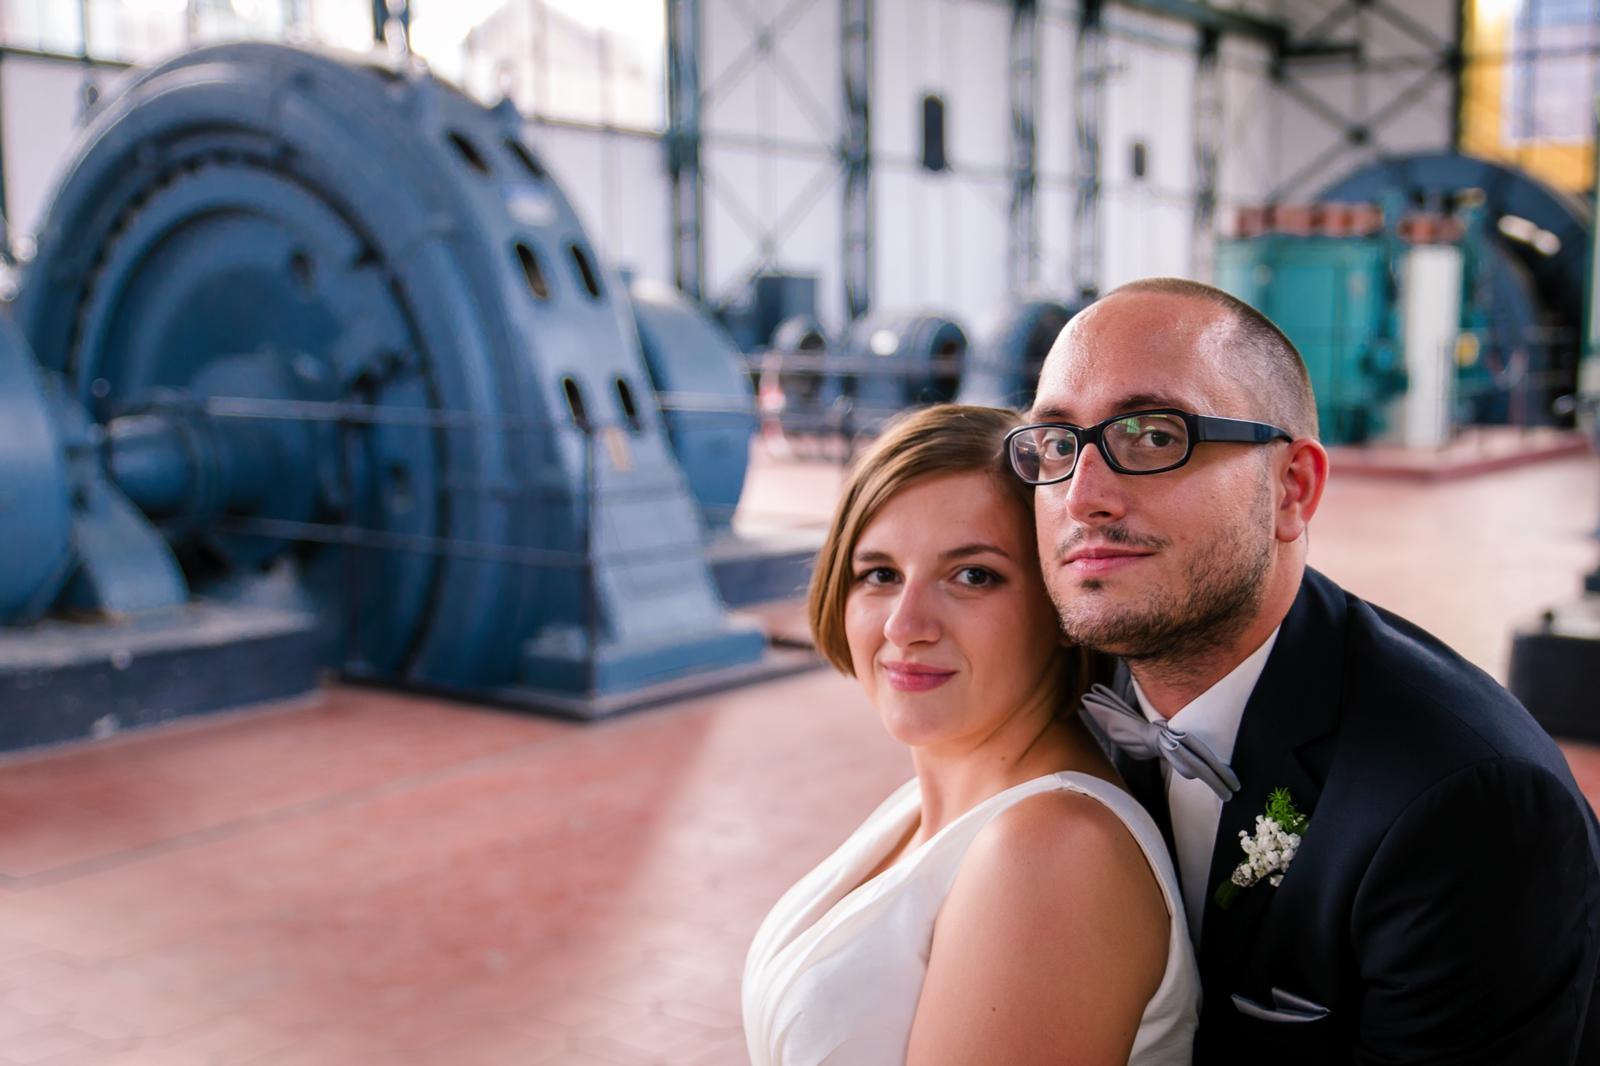 Monstergraphie_Hochzeitsreportage_Dortmund_Zeche_Zollern31.jpg?fit=1600%2C1066